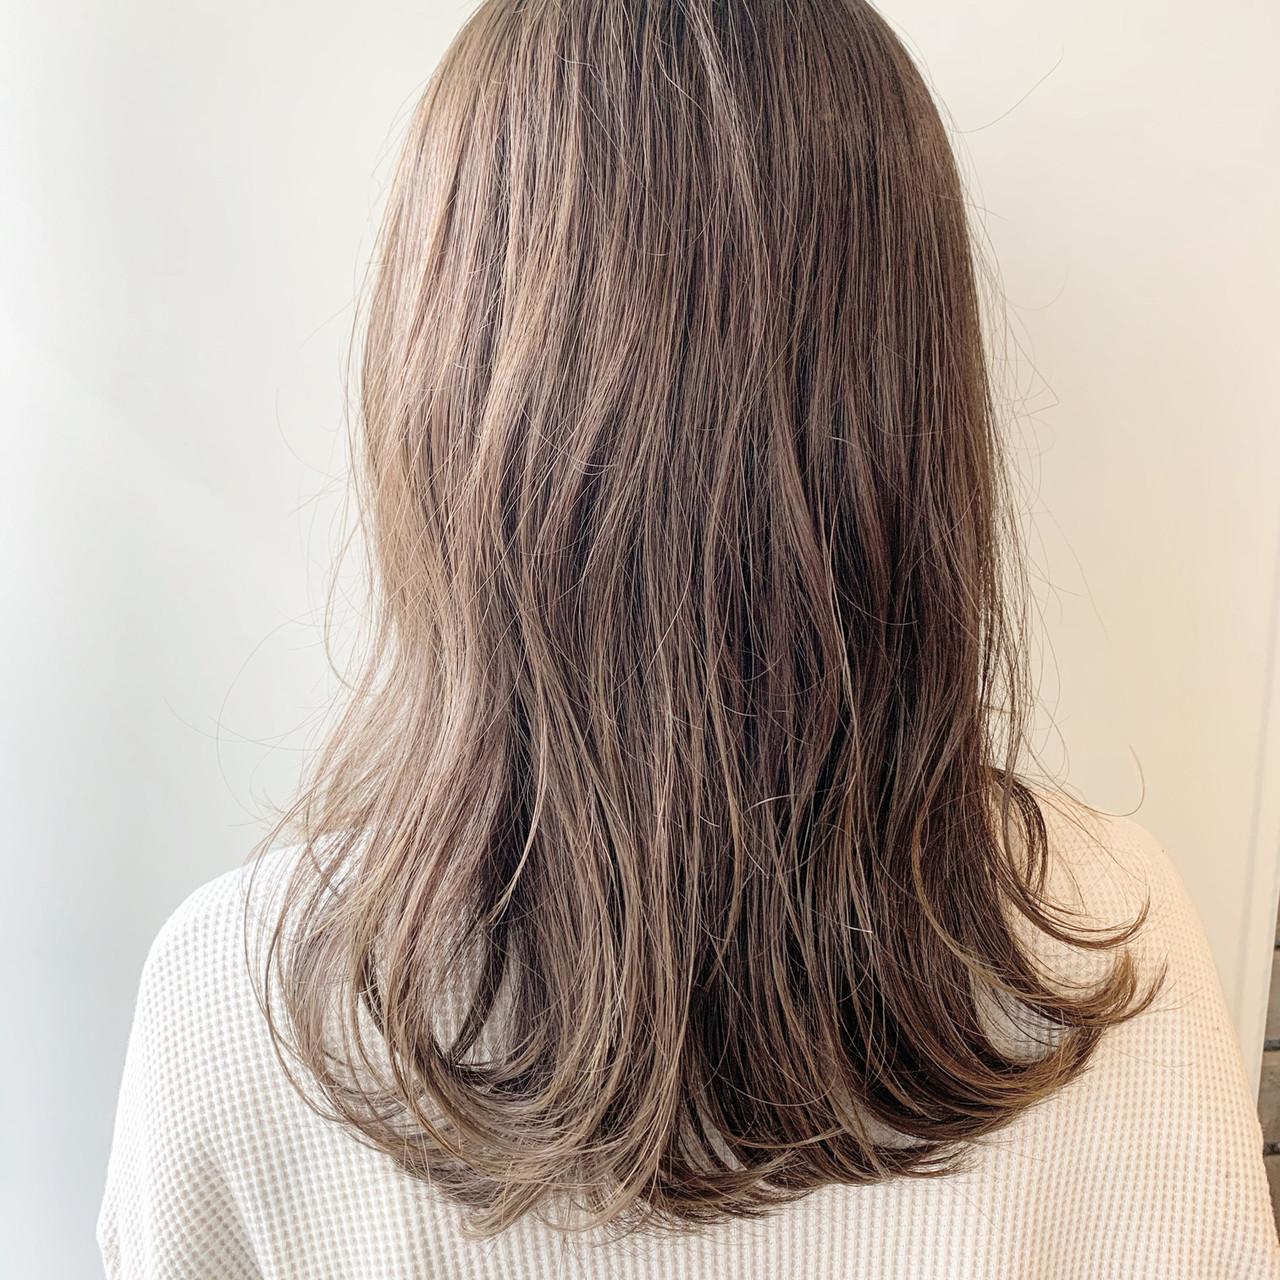 ナチュラル 大人ミディアム ミディアムレイヤー 鎖骨ミディアム ヘアスタイルや髪型の写真・画像 | 谷川 健太 / ROVERSI